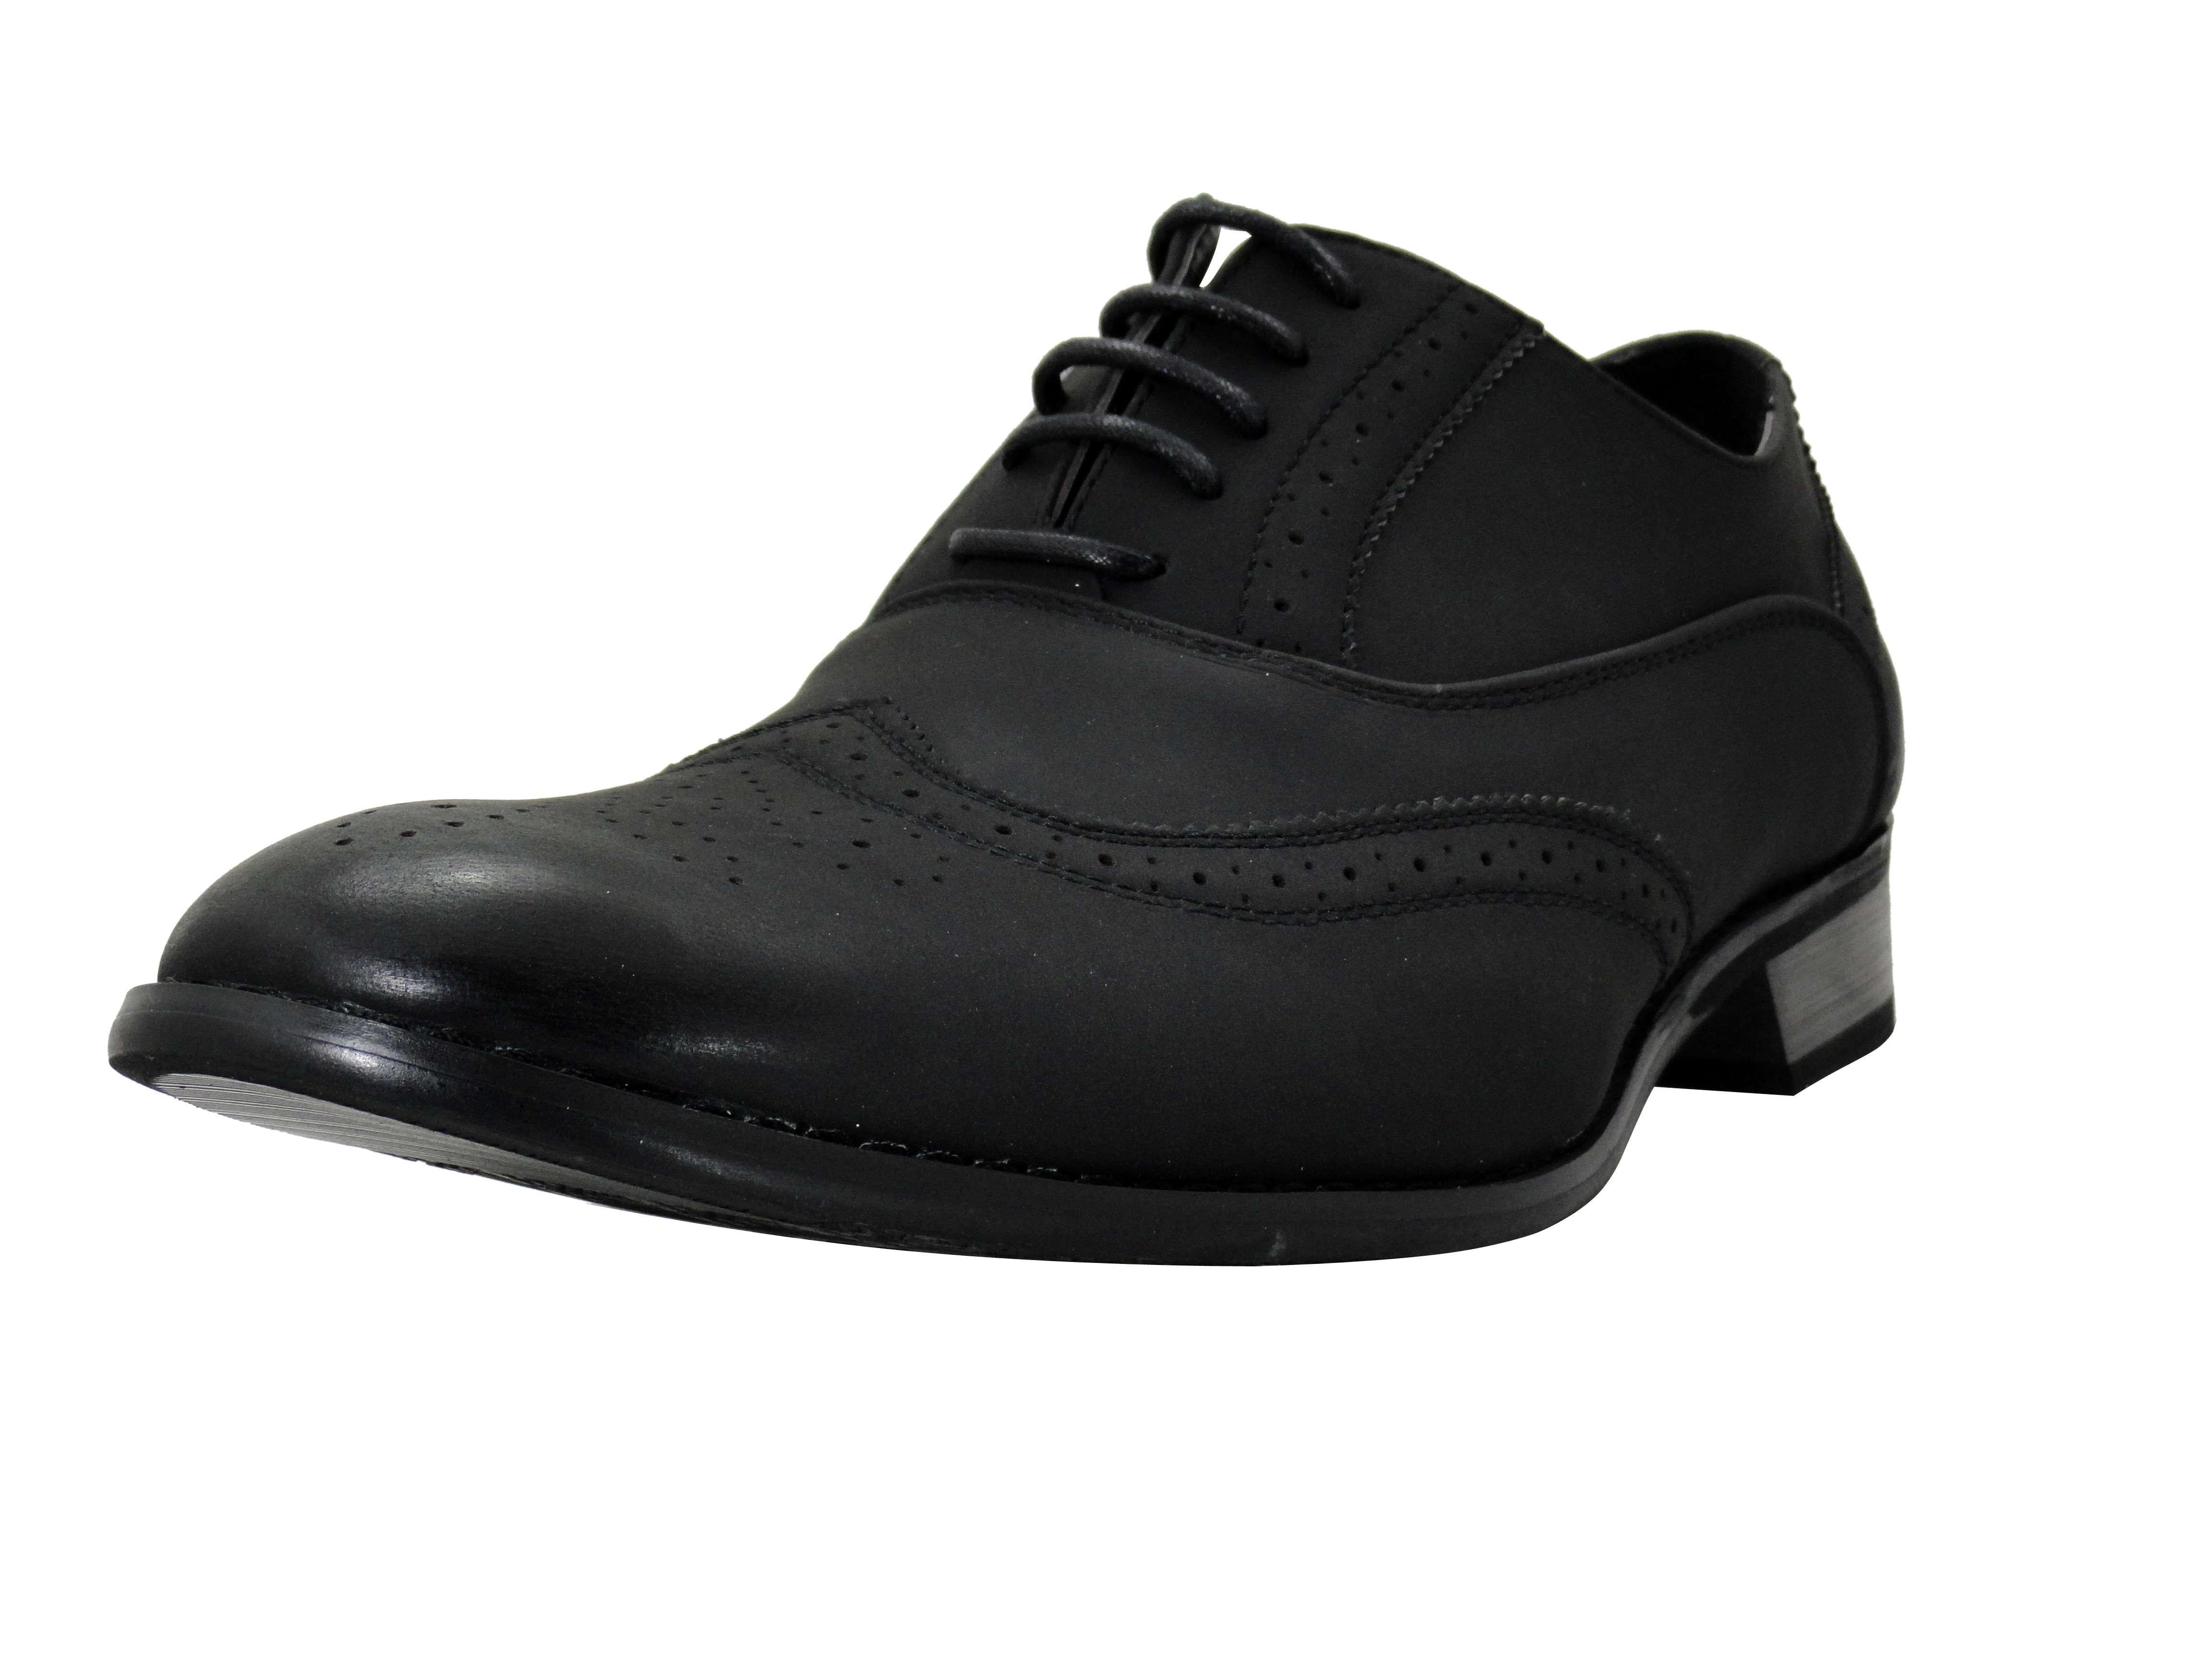 mens dress shoes parrazo black wingtip oxford lace up